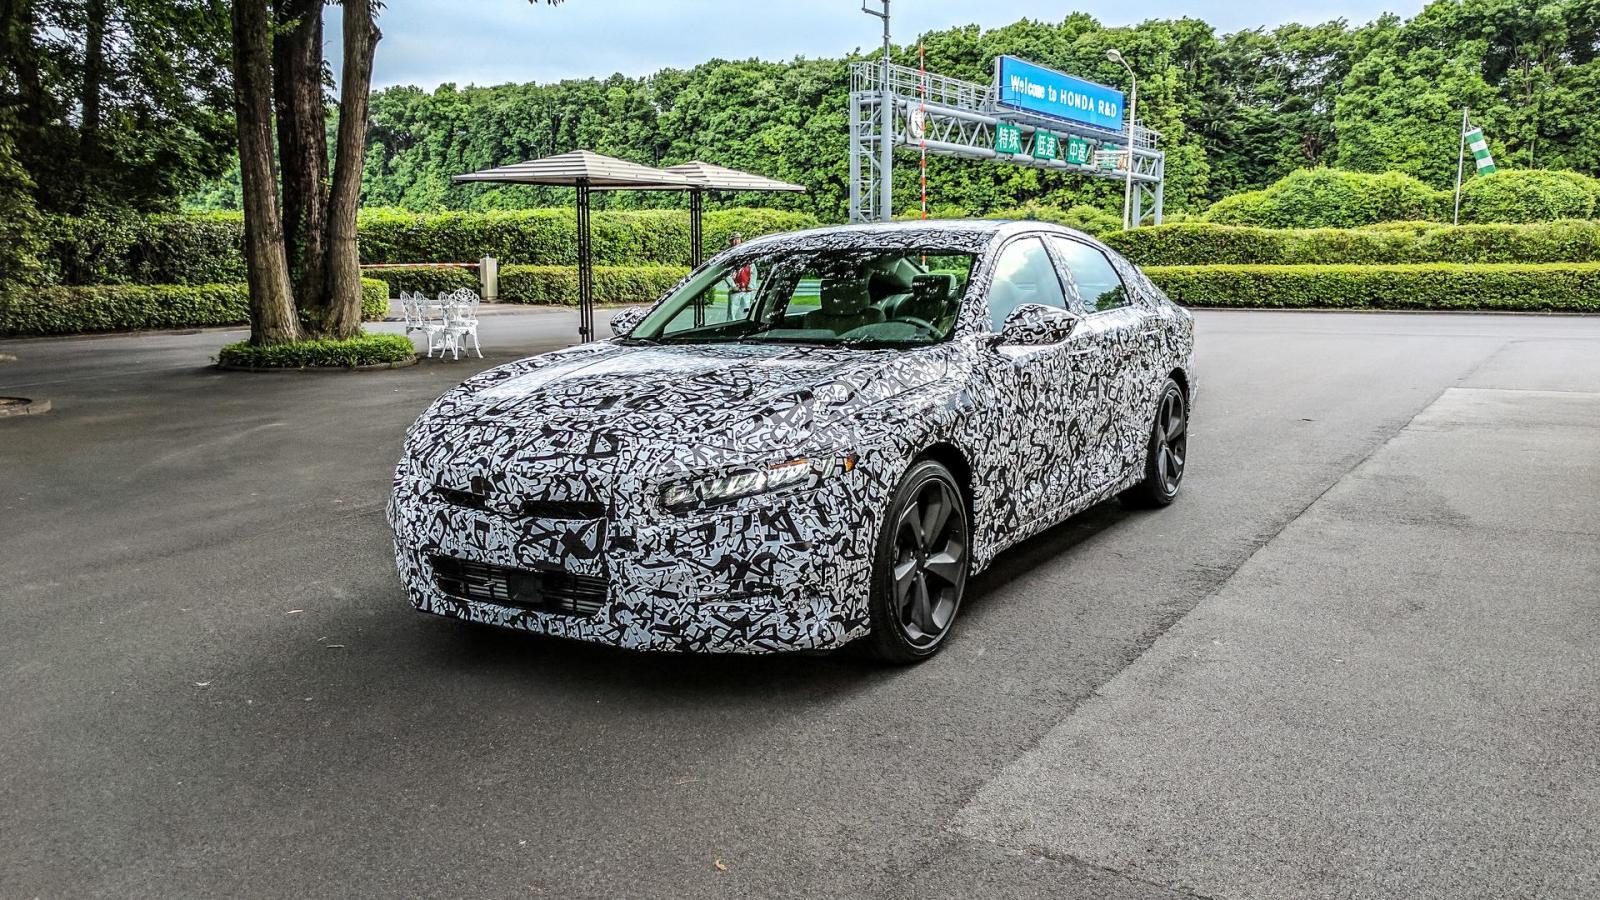 Хонда  показала  первые изображения седана Accord десятого поколения— Гордость японского автопрома